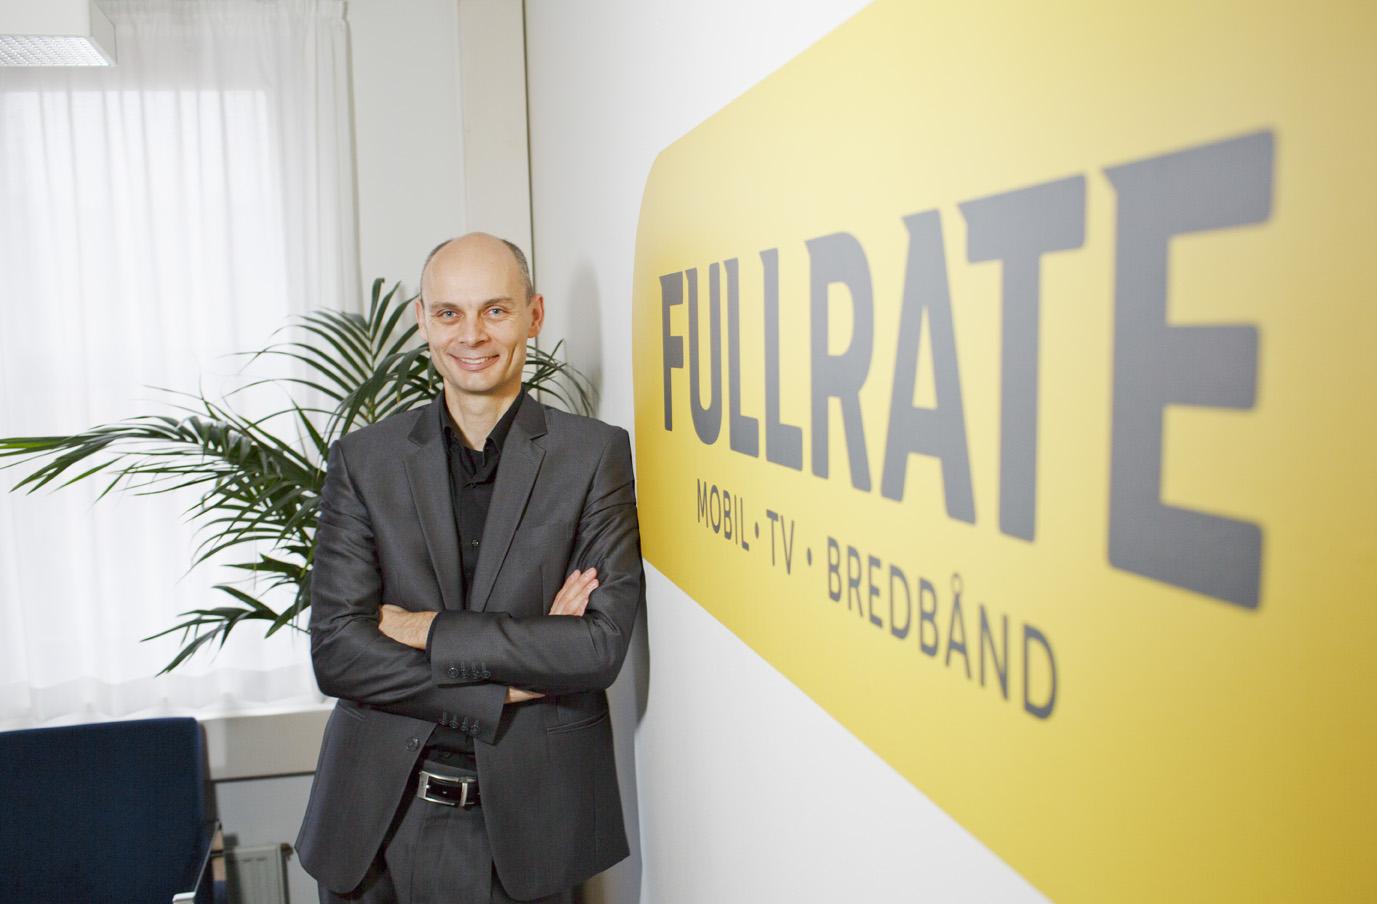 fullrate og m1 klar til fusion bredbåndsmatch dk